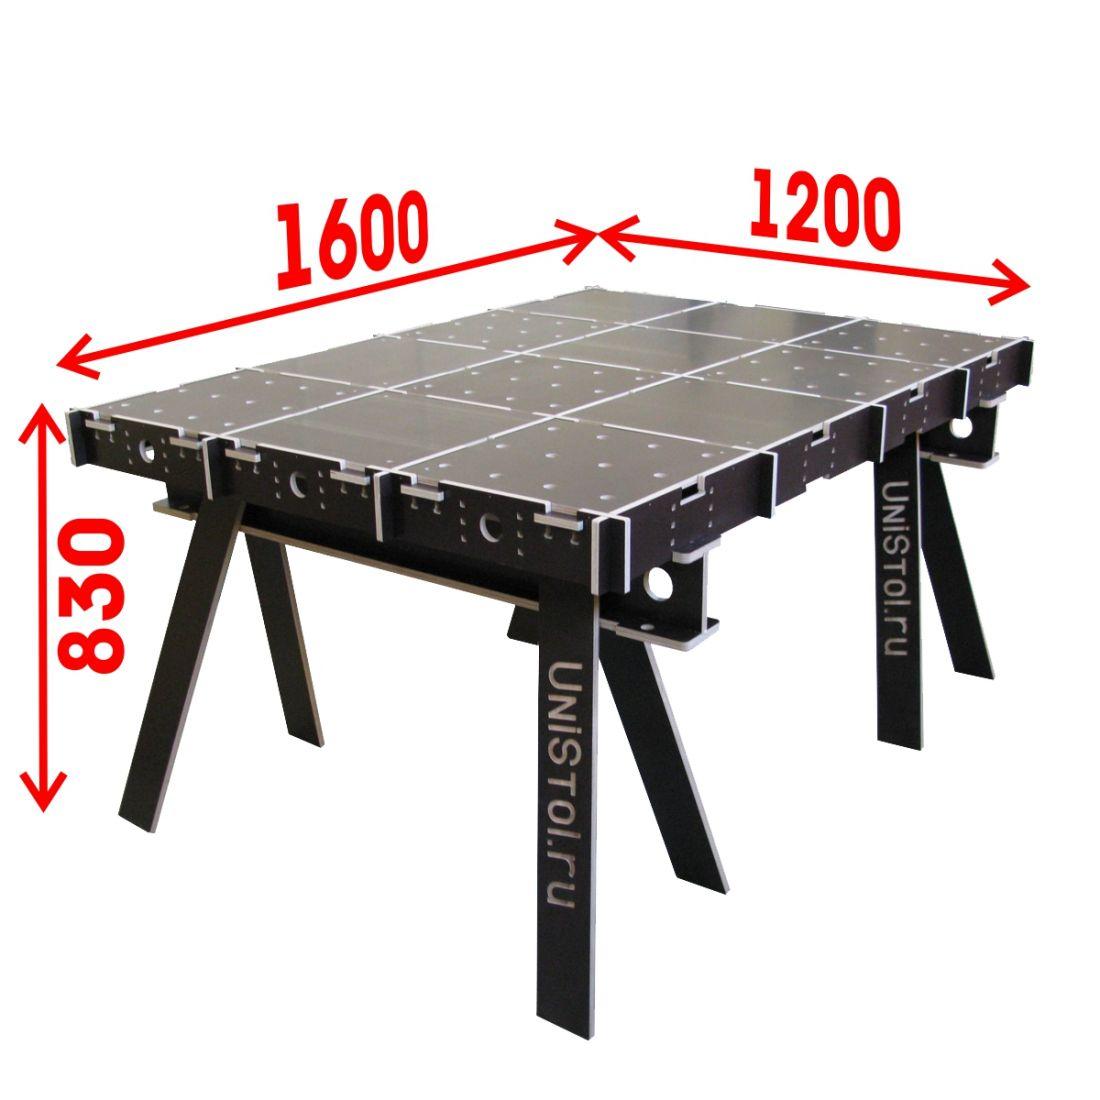 Ячеистый стол для раскроя листовых материалов 1200x1600 мм со столешницой